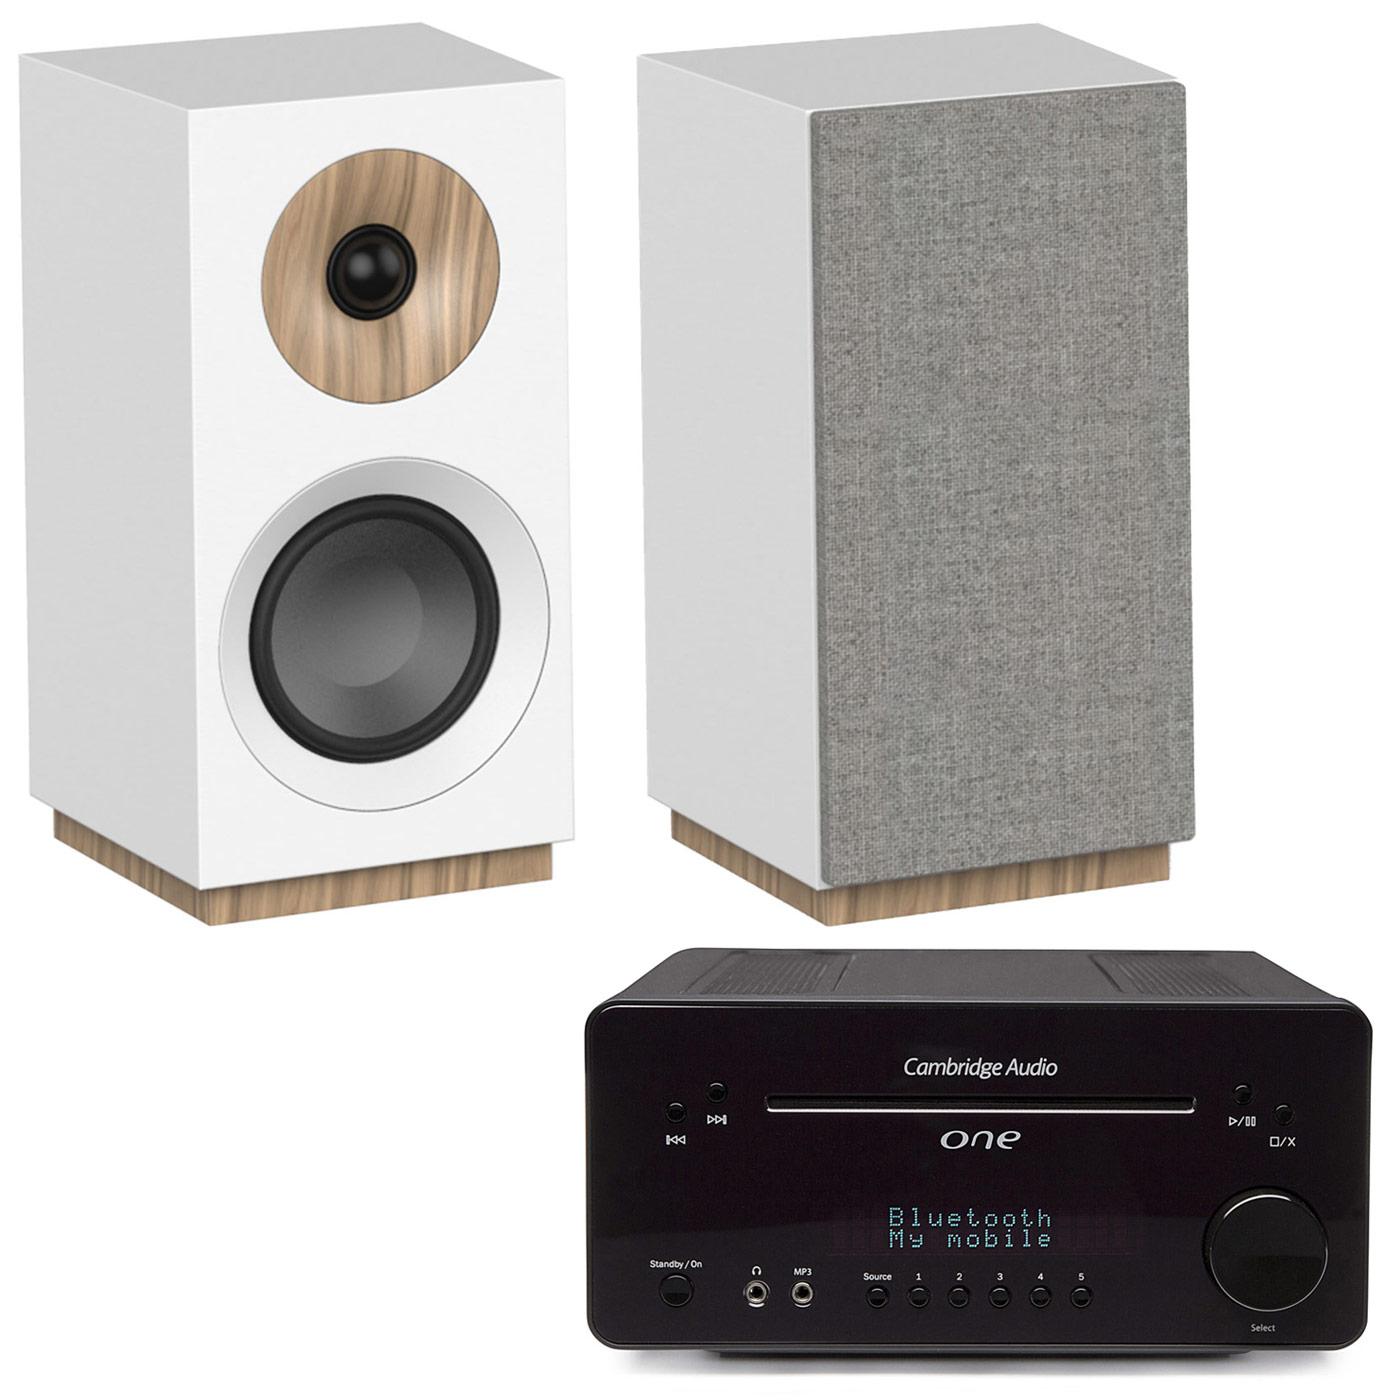 Ensemble Hifi Cambridge One Noir + Jamo S 801 Blanc Ampli-tuner 2 x 30 Watts - Lecteur CD/MP3 - Tuner FM/DAB+ - Bluetooth - DAC Wolfson 24bits/96kHz + Enceinte bibliothèque compacte (par paire)